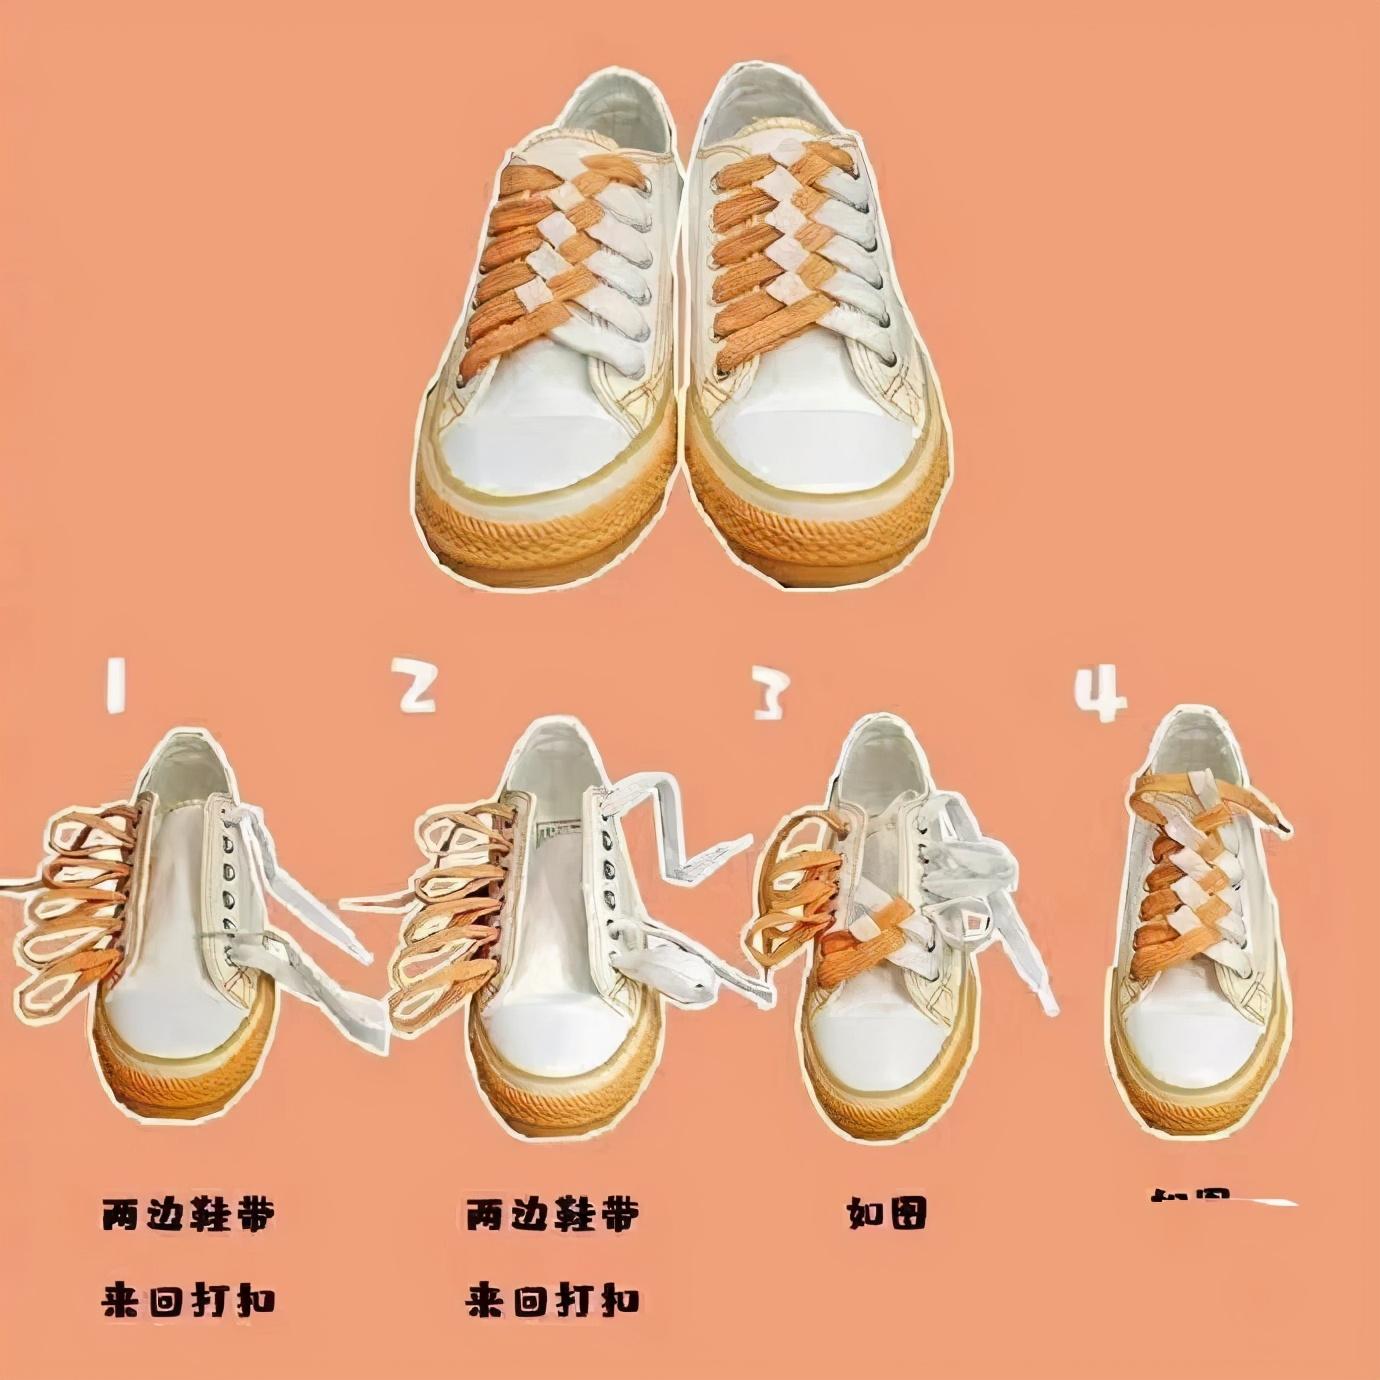 帆布鞋鞋带系法(鞋带的24种系法帆布鞋)